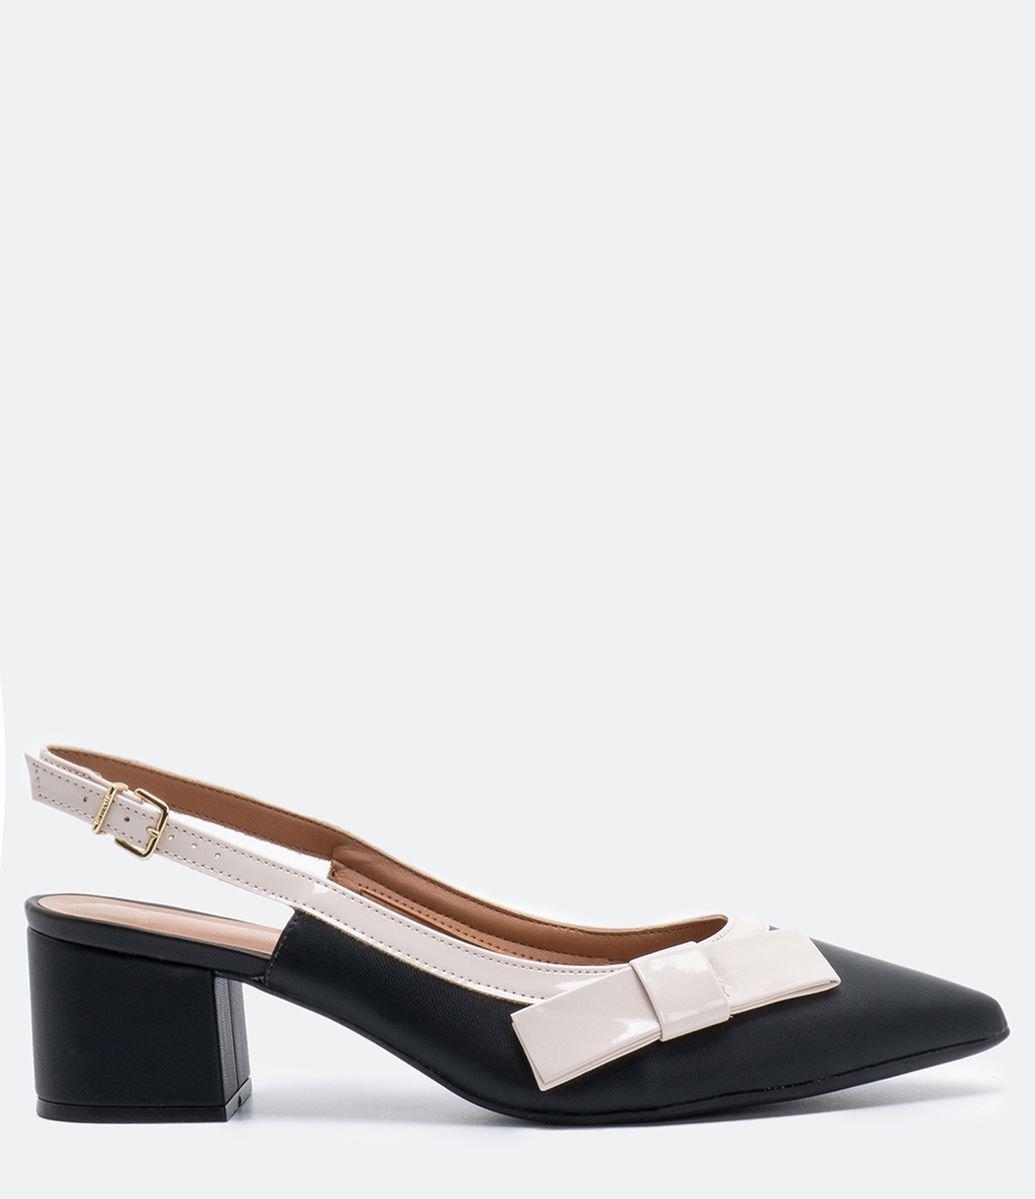 579f7f527c HOME · Calçados · Sapatos  Sapato Feminino Chanel Bico Fino Vizzano. Brinde.  Detalhes